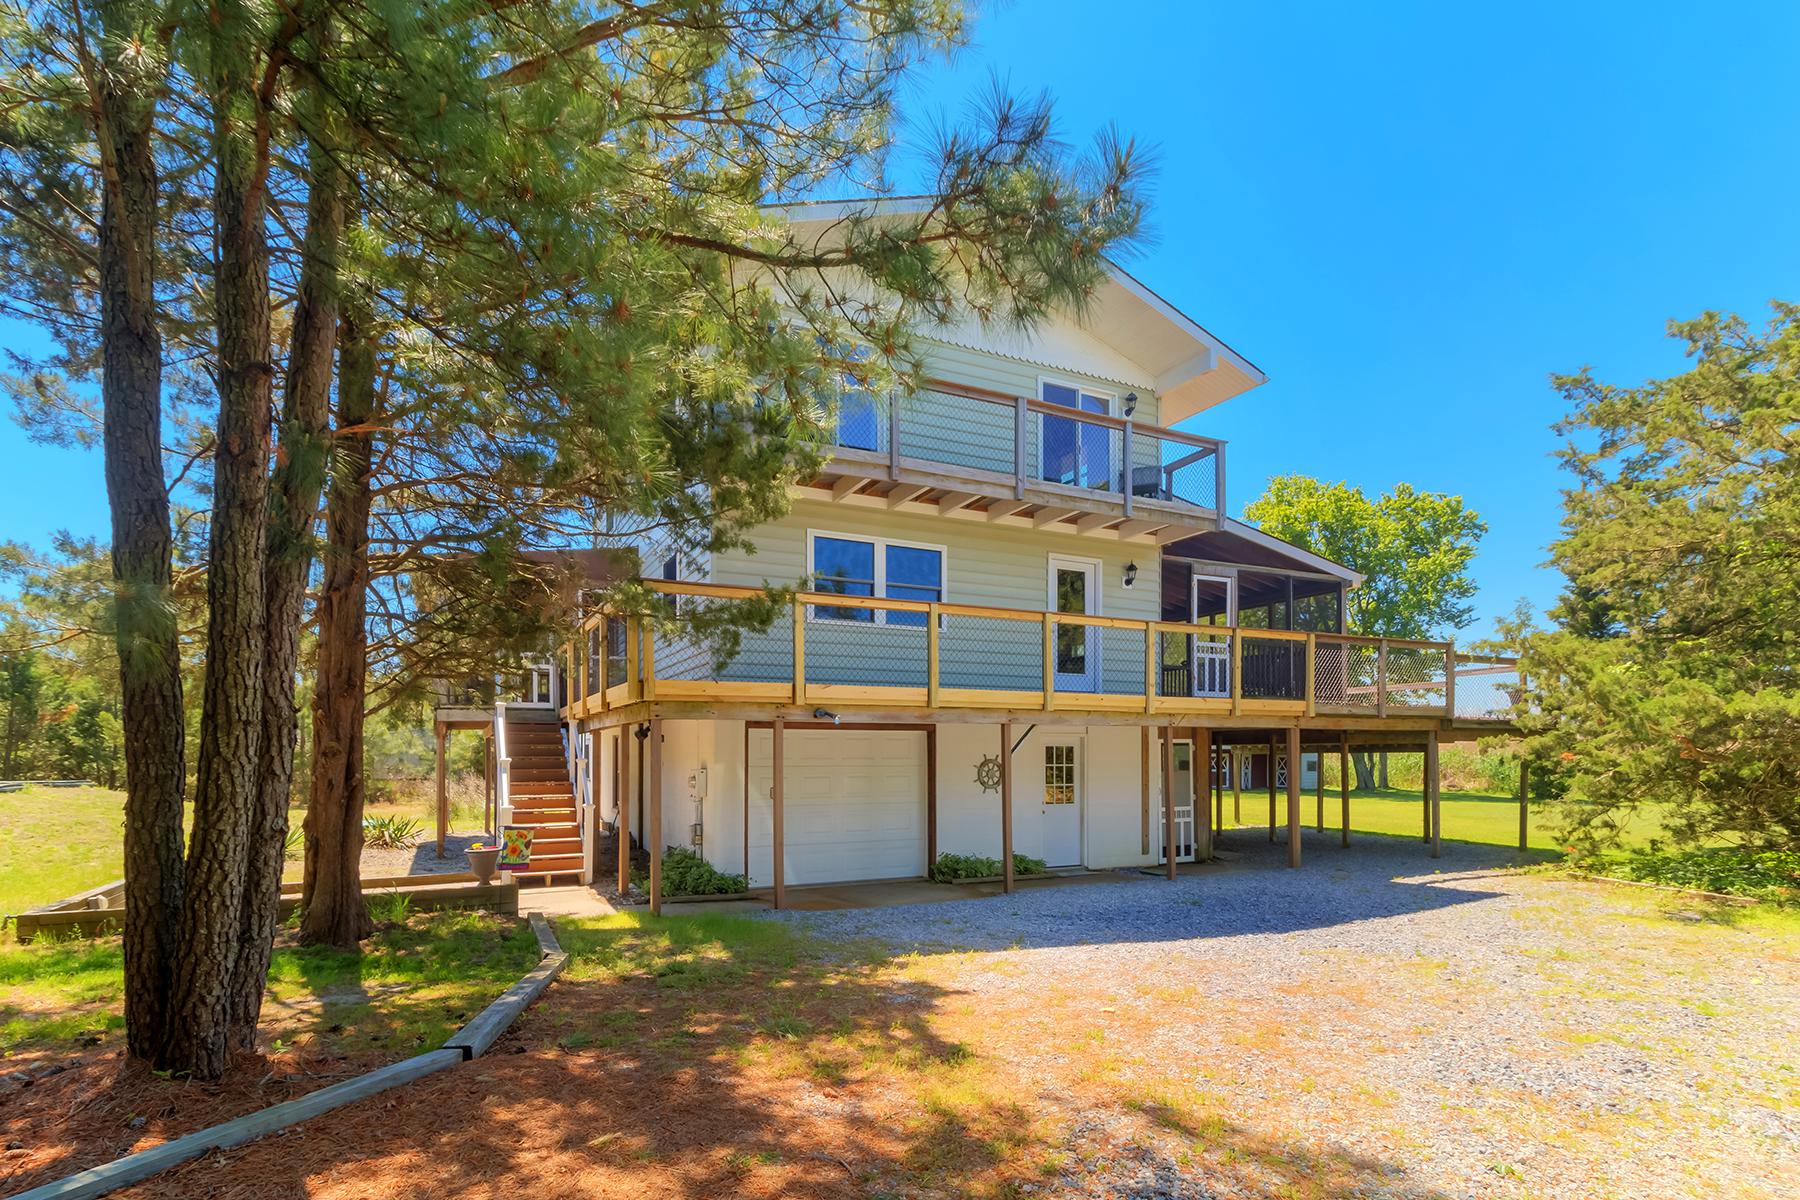 single family homes 为 销售 在 109 New Mexico Ave , Milton, DE 19968 109 New Mexico Ave 米尔顿, 特拉华州 19968 美国